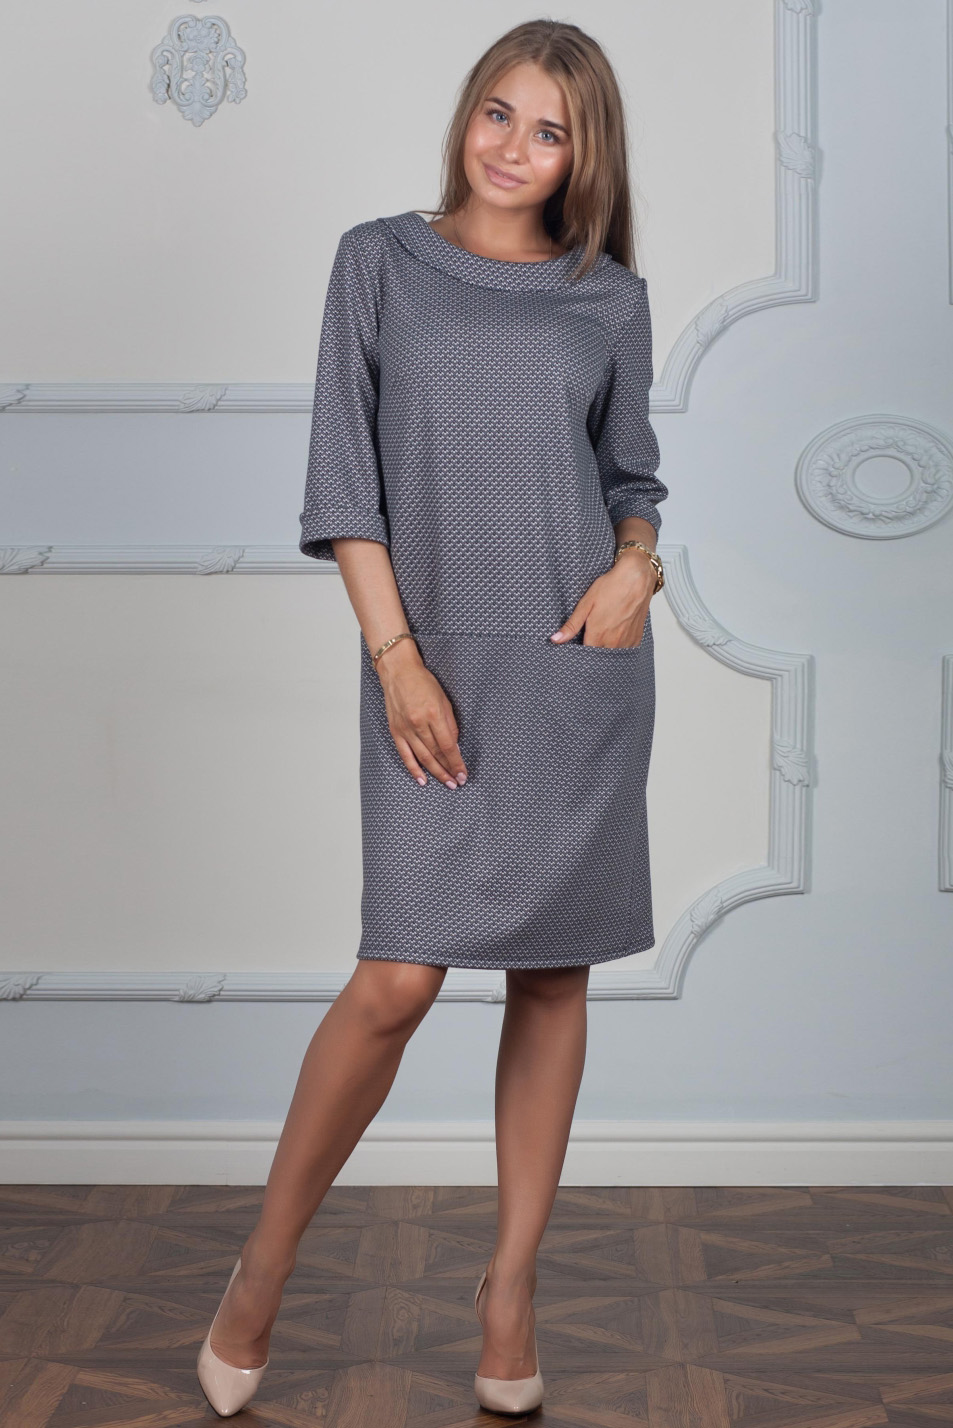 ПлатьеПлатья<br>Нарядное платье прямого силуэта с гипюровой вставкой на спинке.  Длина изделия: 42-44 размеры - 95 см, 46-48 размеры - 98 см,  50-52 размера - 106 см, 54-56 размеры - 110 см.  Цвет: серый  Ростовка изделия 170 см.<br><br>Воротник: Отложной<br>По длине: До колена<br>По материалу: Вискоза,Гипюр,Трикотаж<br>По образу: Город,Свидание<br>По рисунку: С принтом<br>По силуэту: Прямые<br>По стилю: Нарядный стиль,Повседневный стиль<br>По элементам: С карманами<br>Рукав: Рукав три четверти<br>По сезону: Осень,Весна<br>Размер : 42<br>Материал: Джерси<br>Количество в наличии: 1